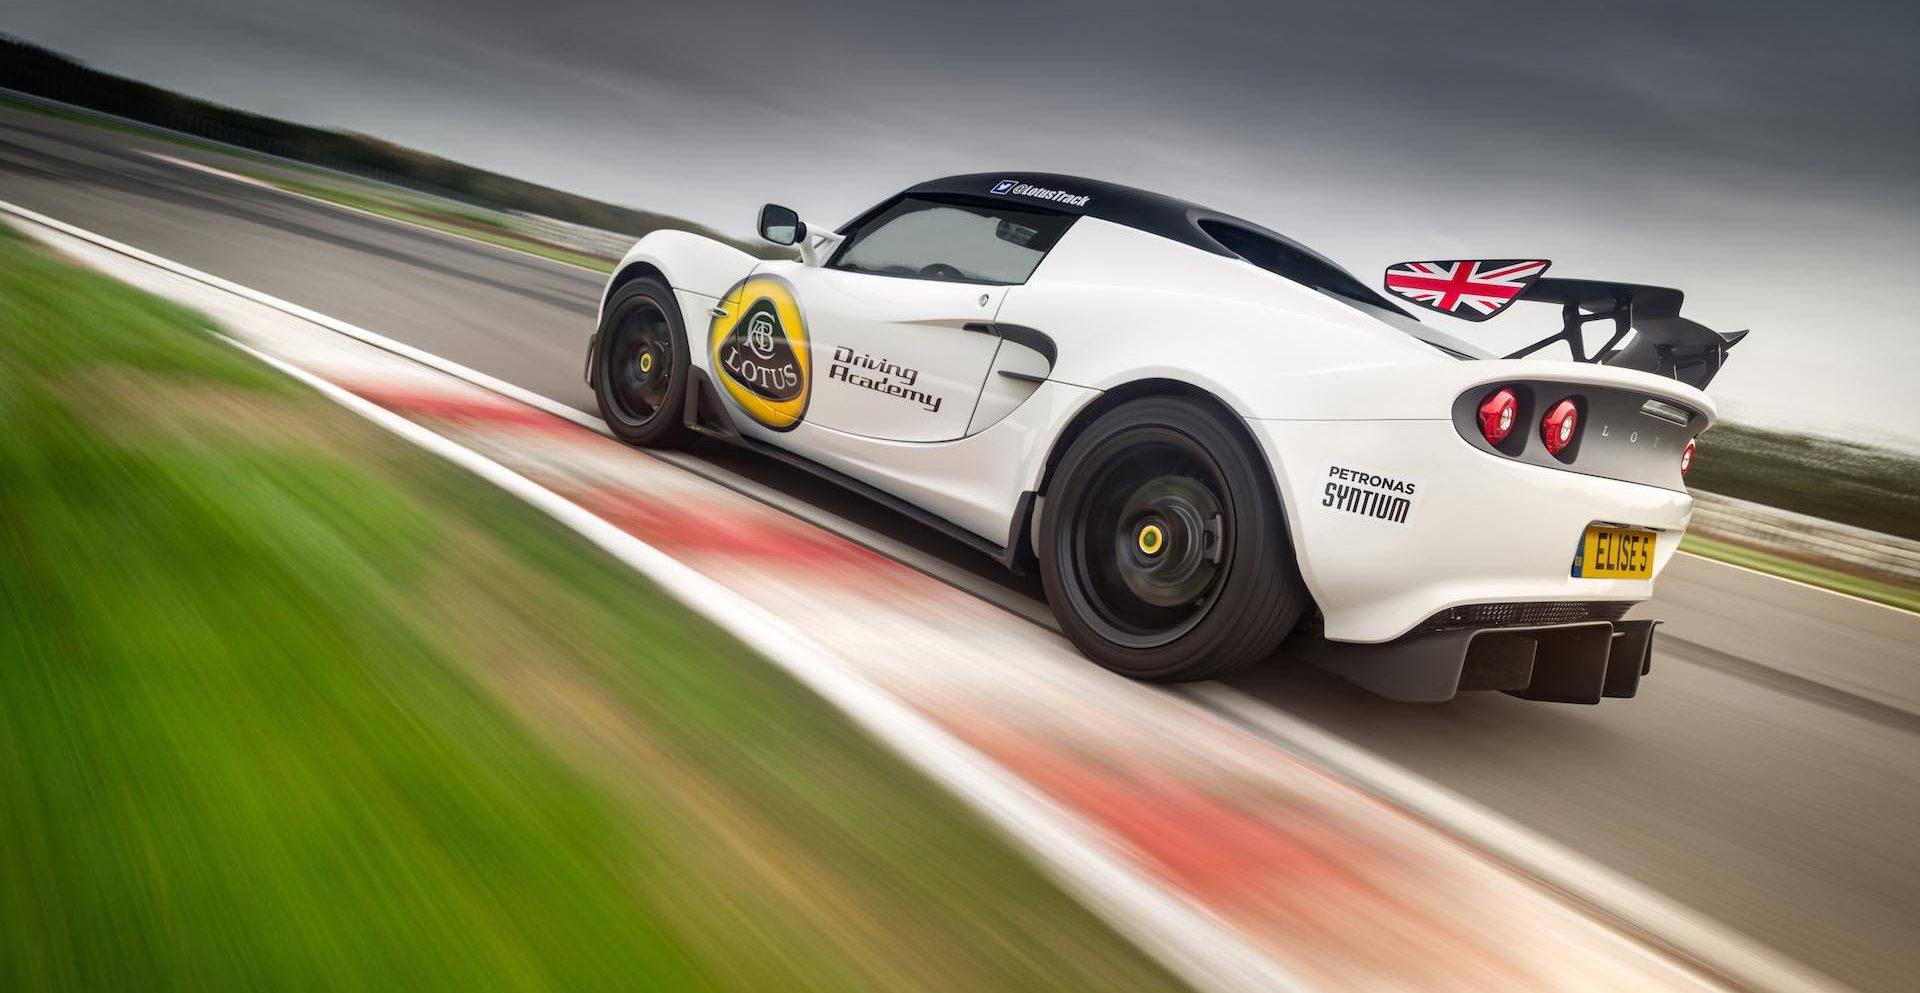 Weißer Sportwagen in Fahrt auf der Rennstrecke.